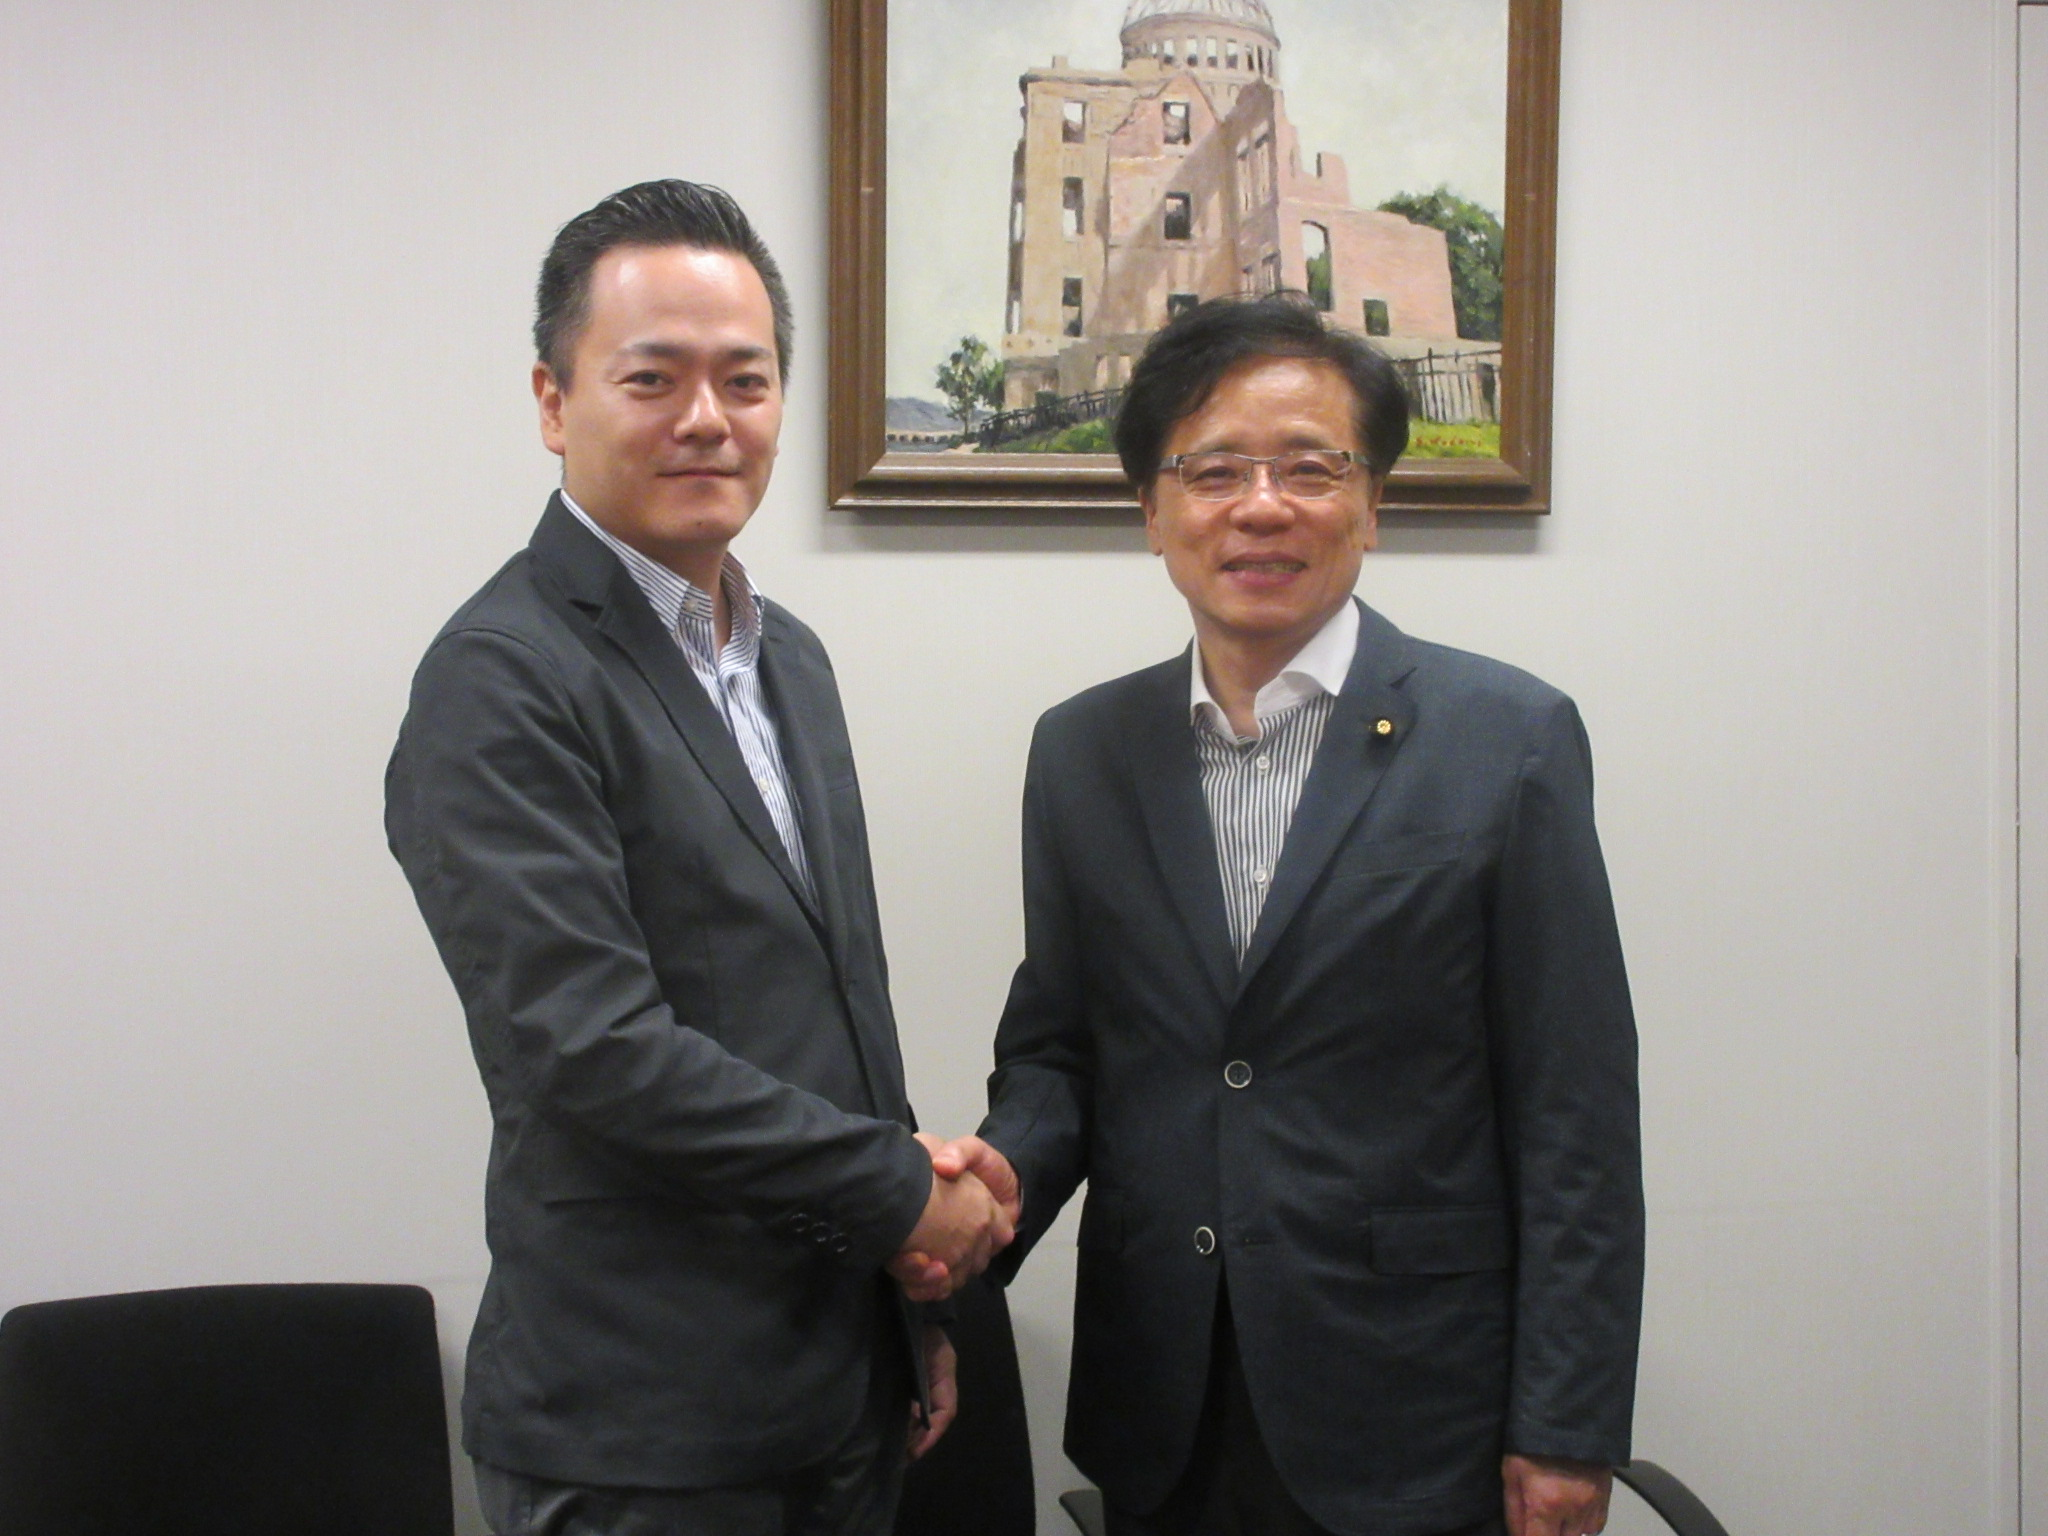 http://www.inoue-satoshi.com/newspaper/IMG_5638-1.jpg